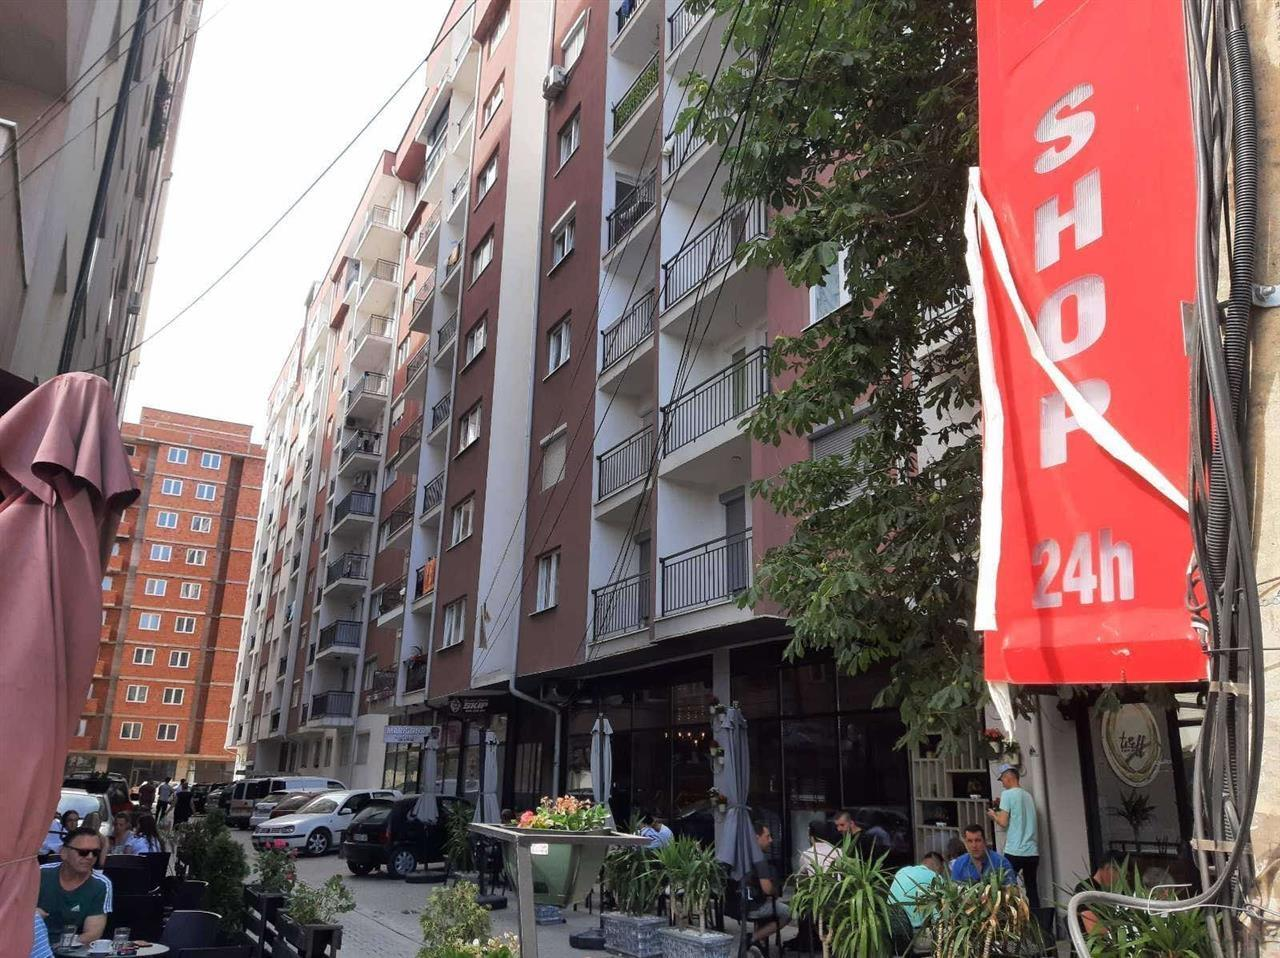 Shitet banesa 3 dhomëshe në Fushë Kosovë rruga Dardania, (afër shkollës Vivës së vjetër) me sipërfaqe 100m2, ne katin e 7-të.